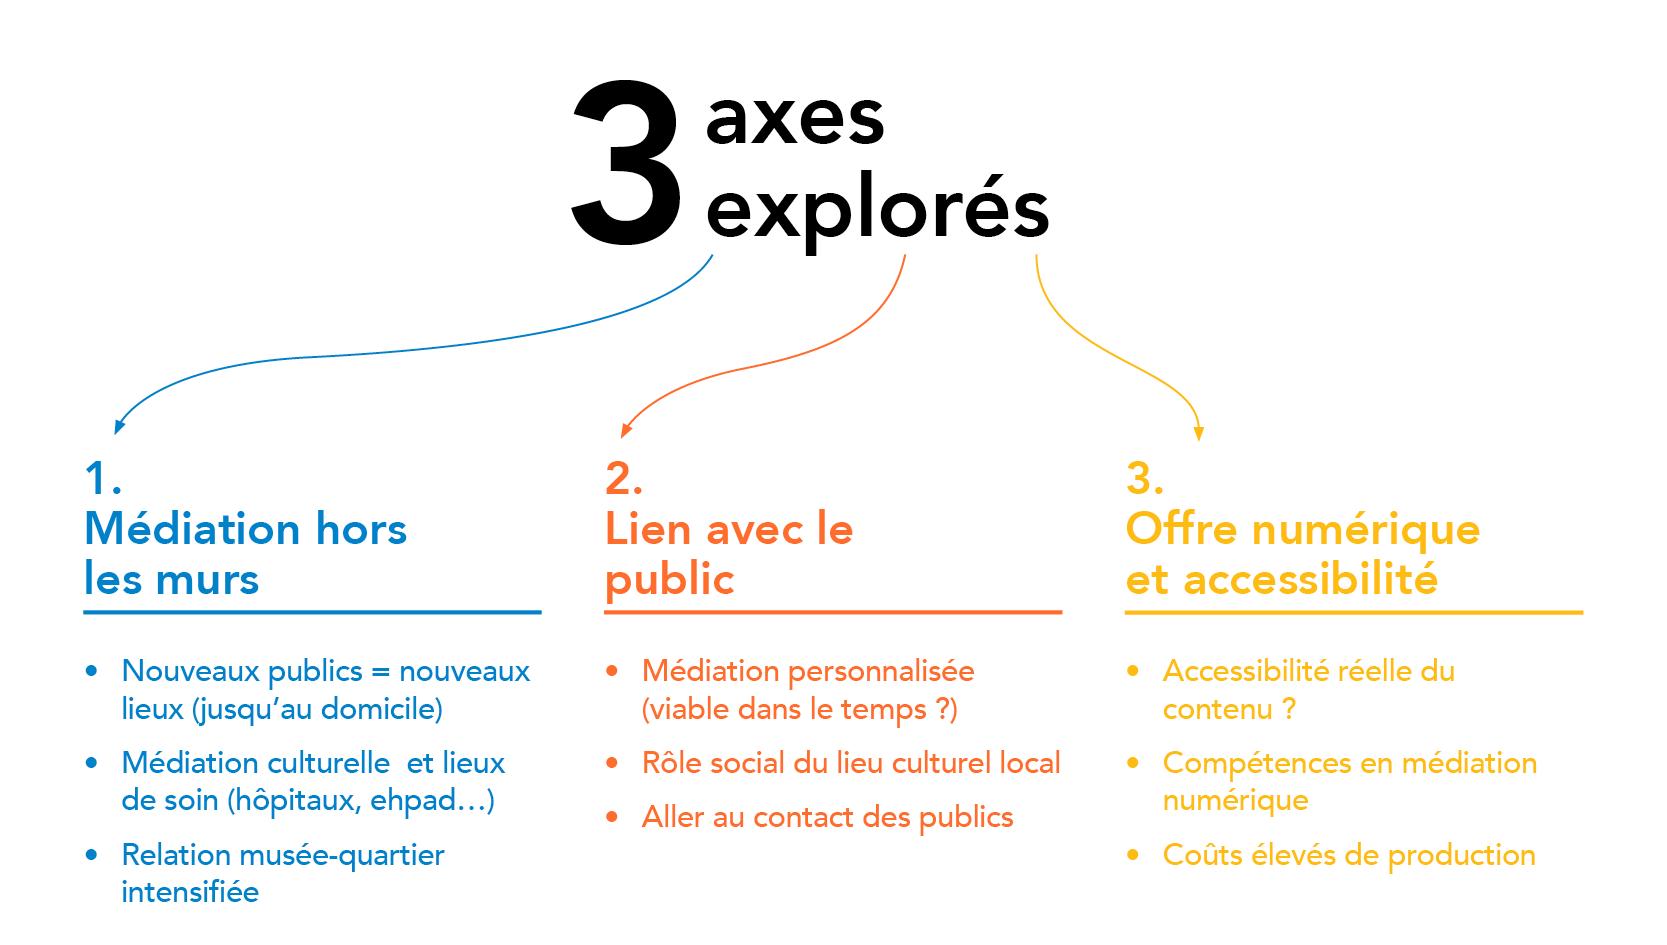 Les 3 axes explorés lors des webinaires